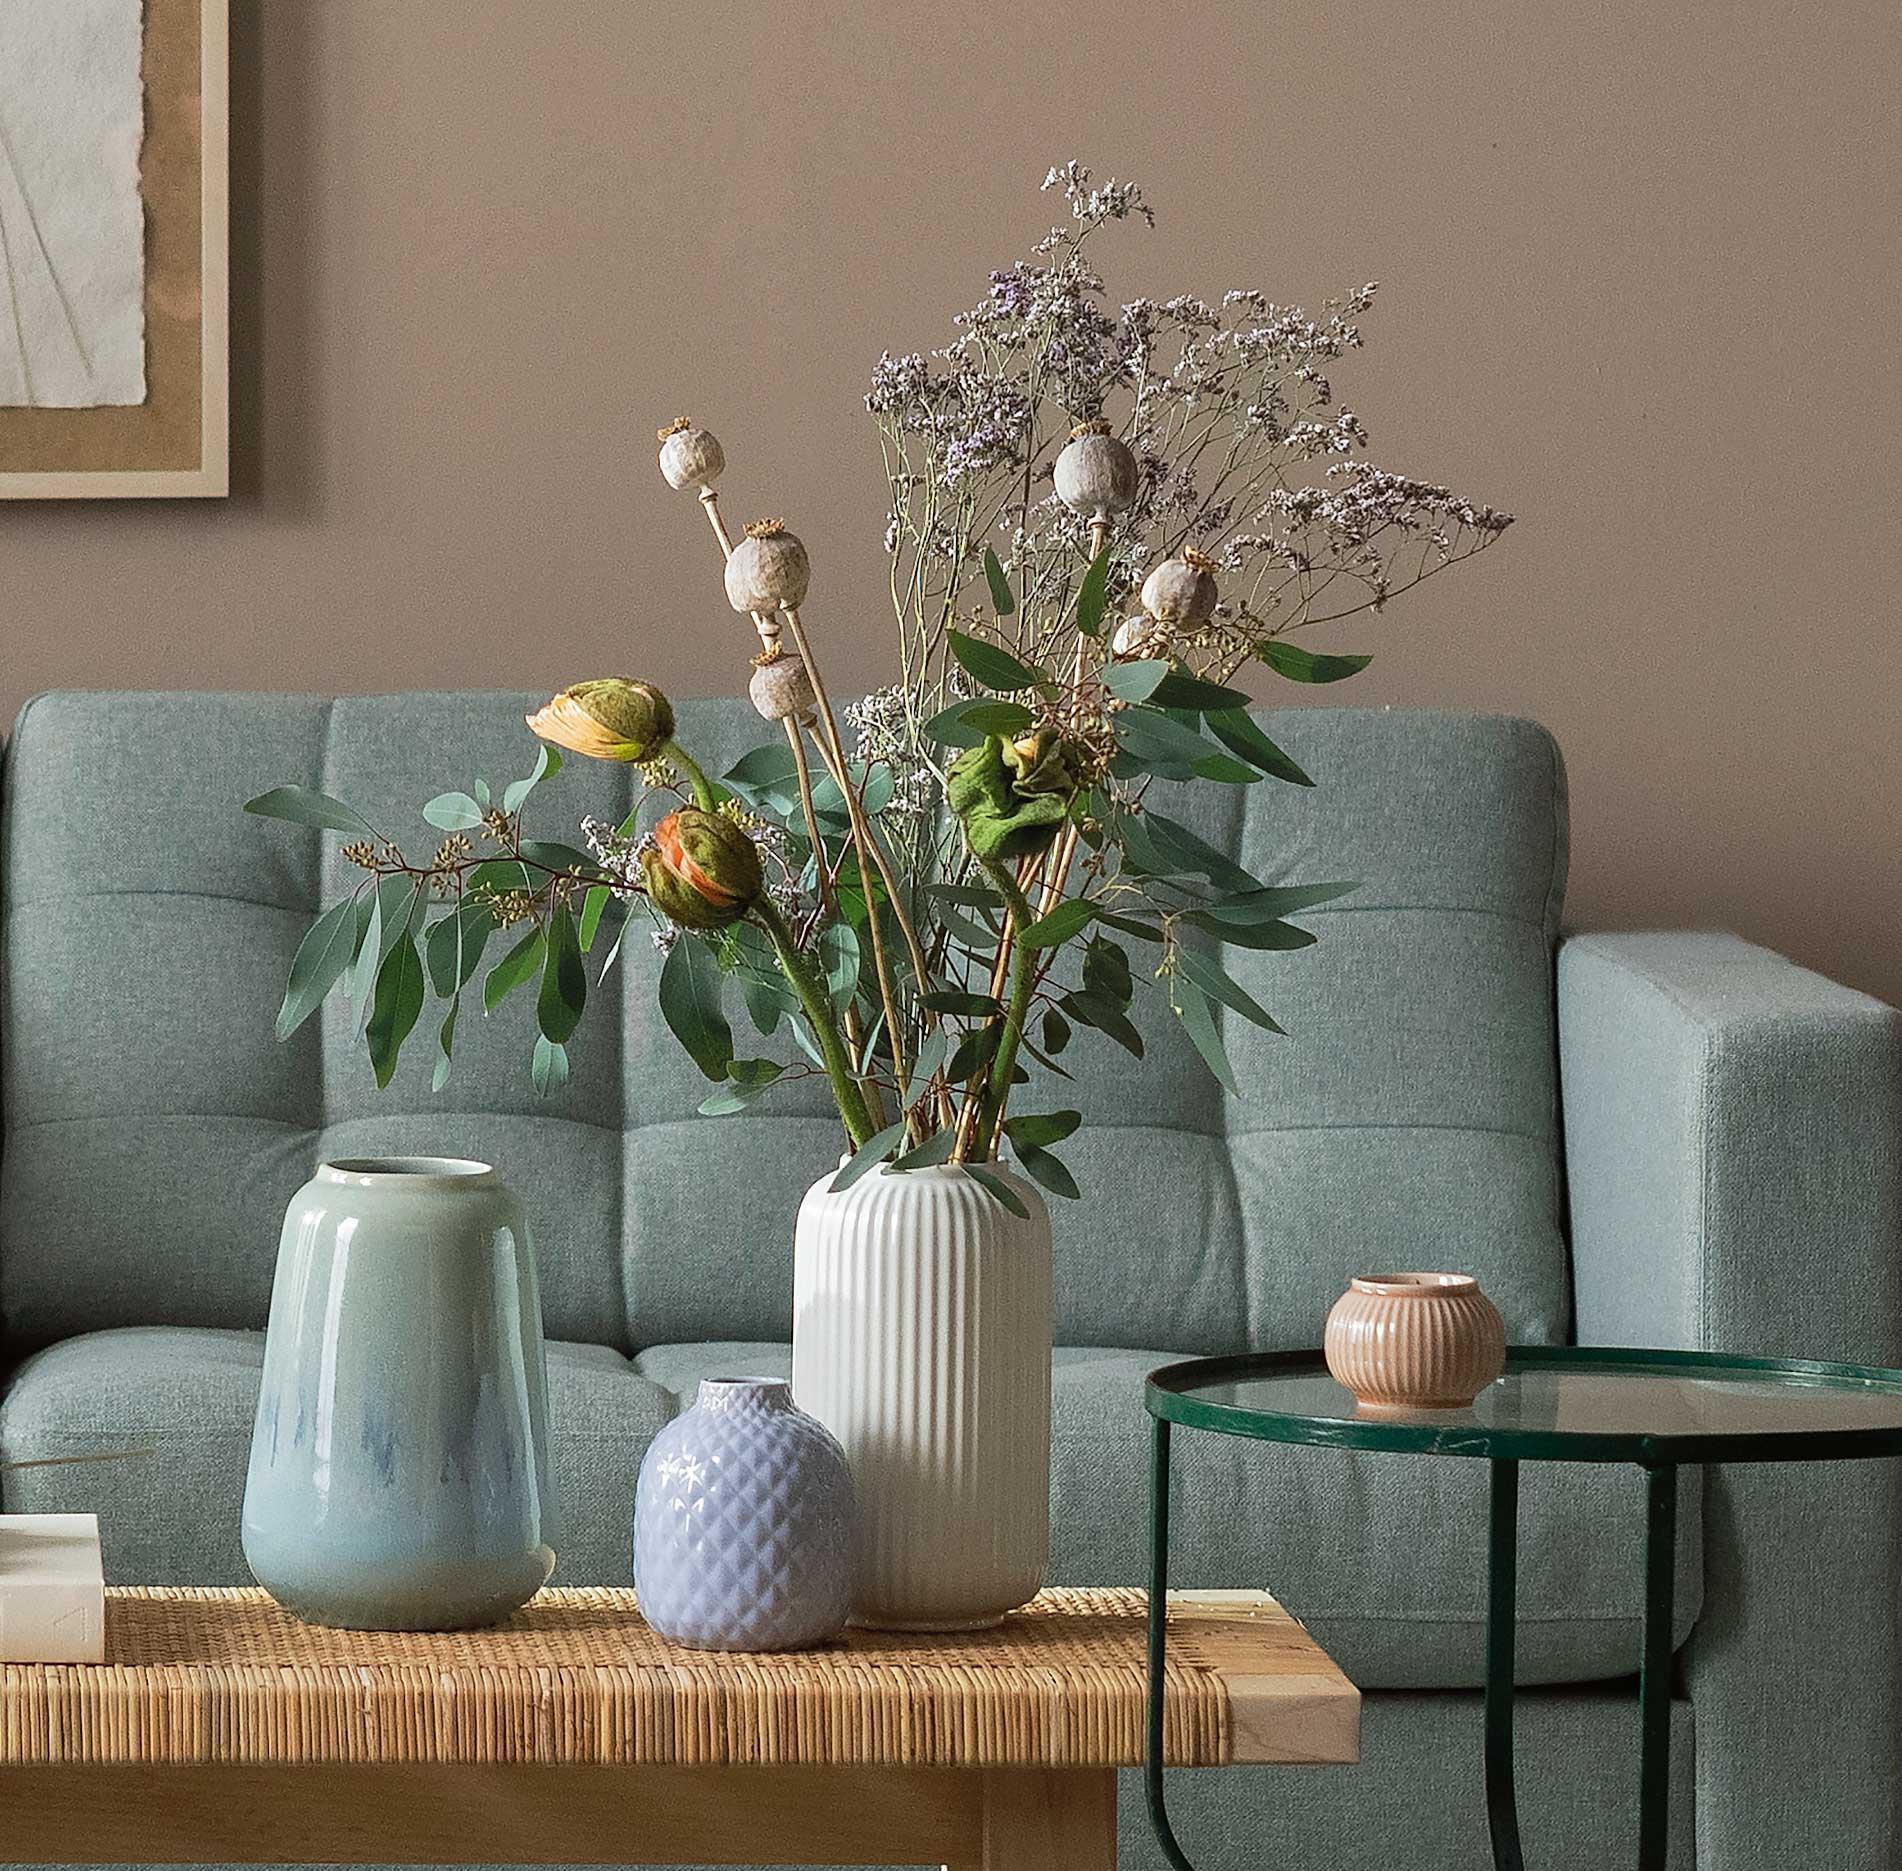 Idee Per Vasi Da Fiori vasi per fiori recisi: ecco i più belli - cose di casa